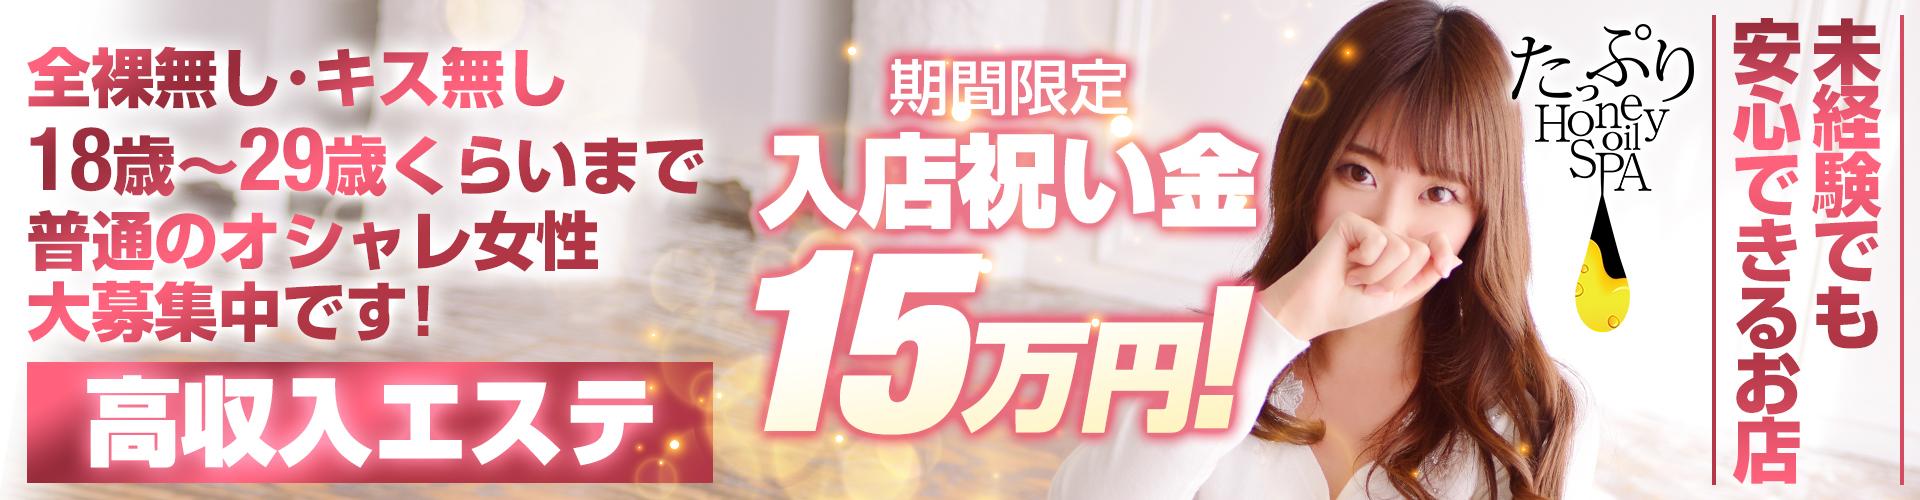 たっぷりハニーオイルSPA福岡店の求人画像